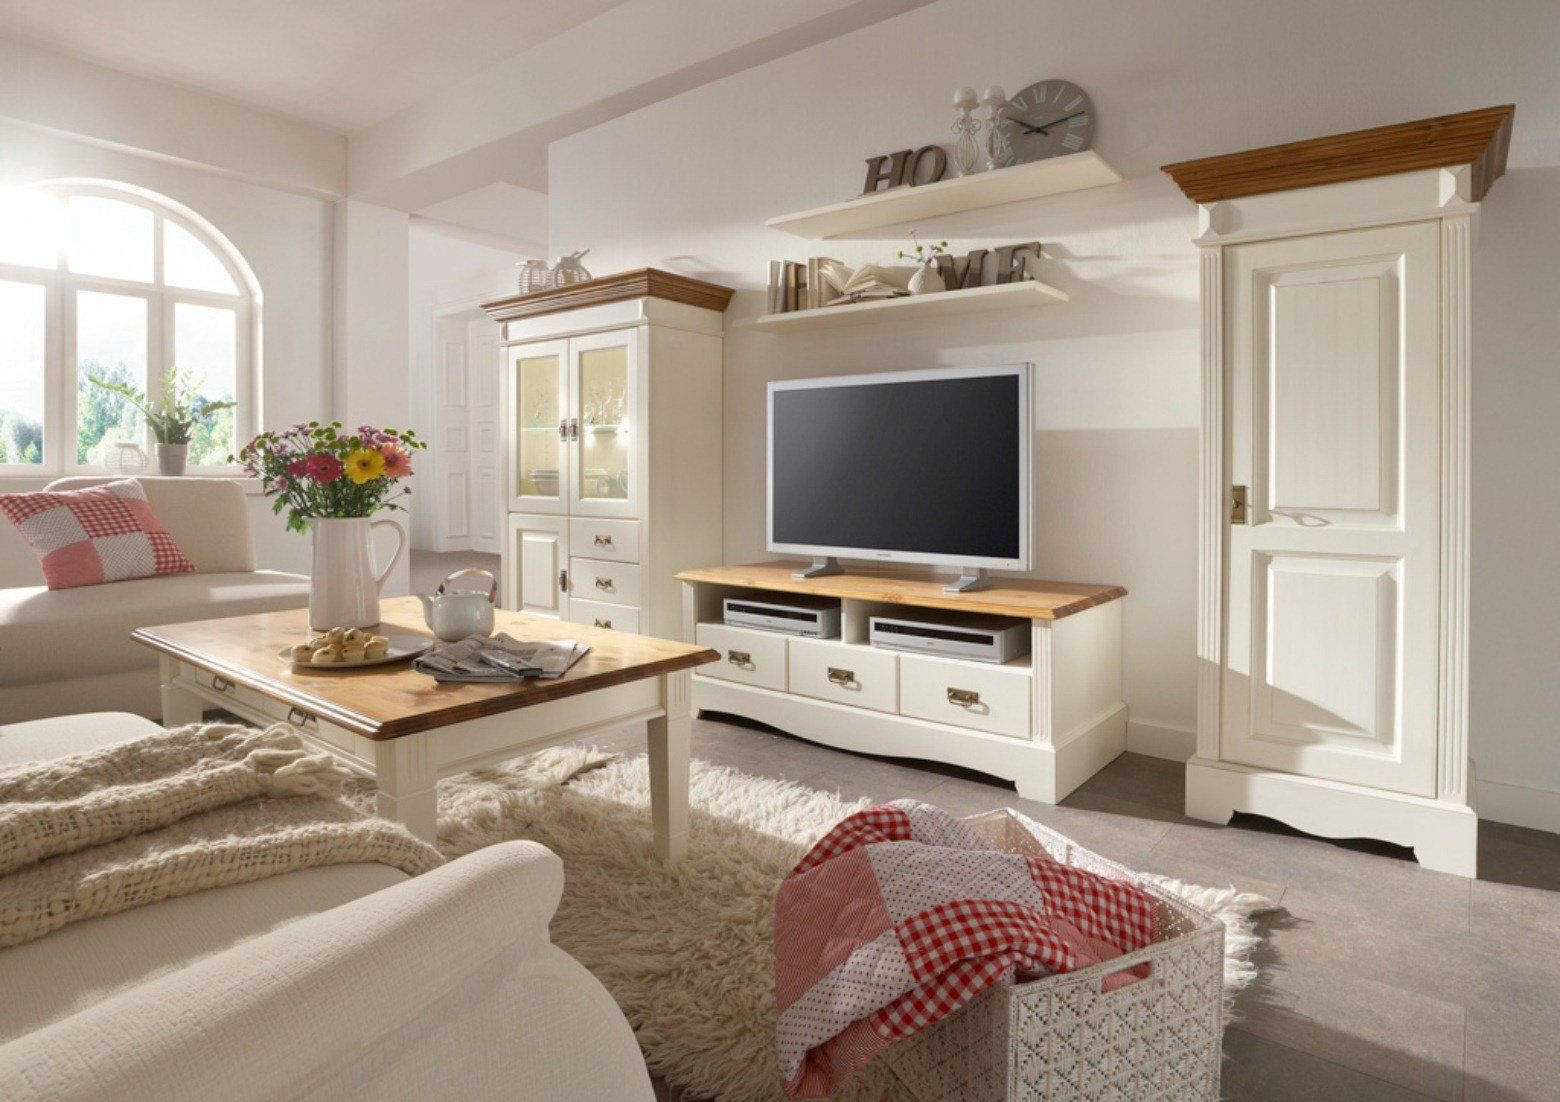 Mobel Im Landhausstil Dining Room Living Room Furniture Living Room Decor Room Decor